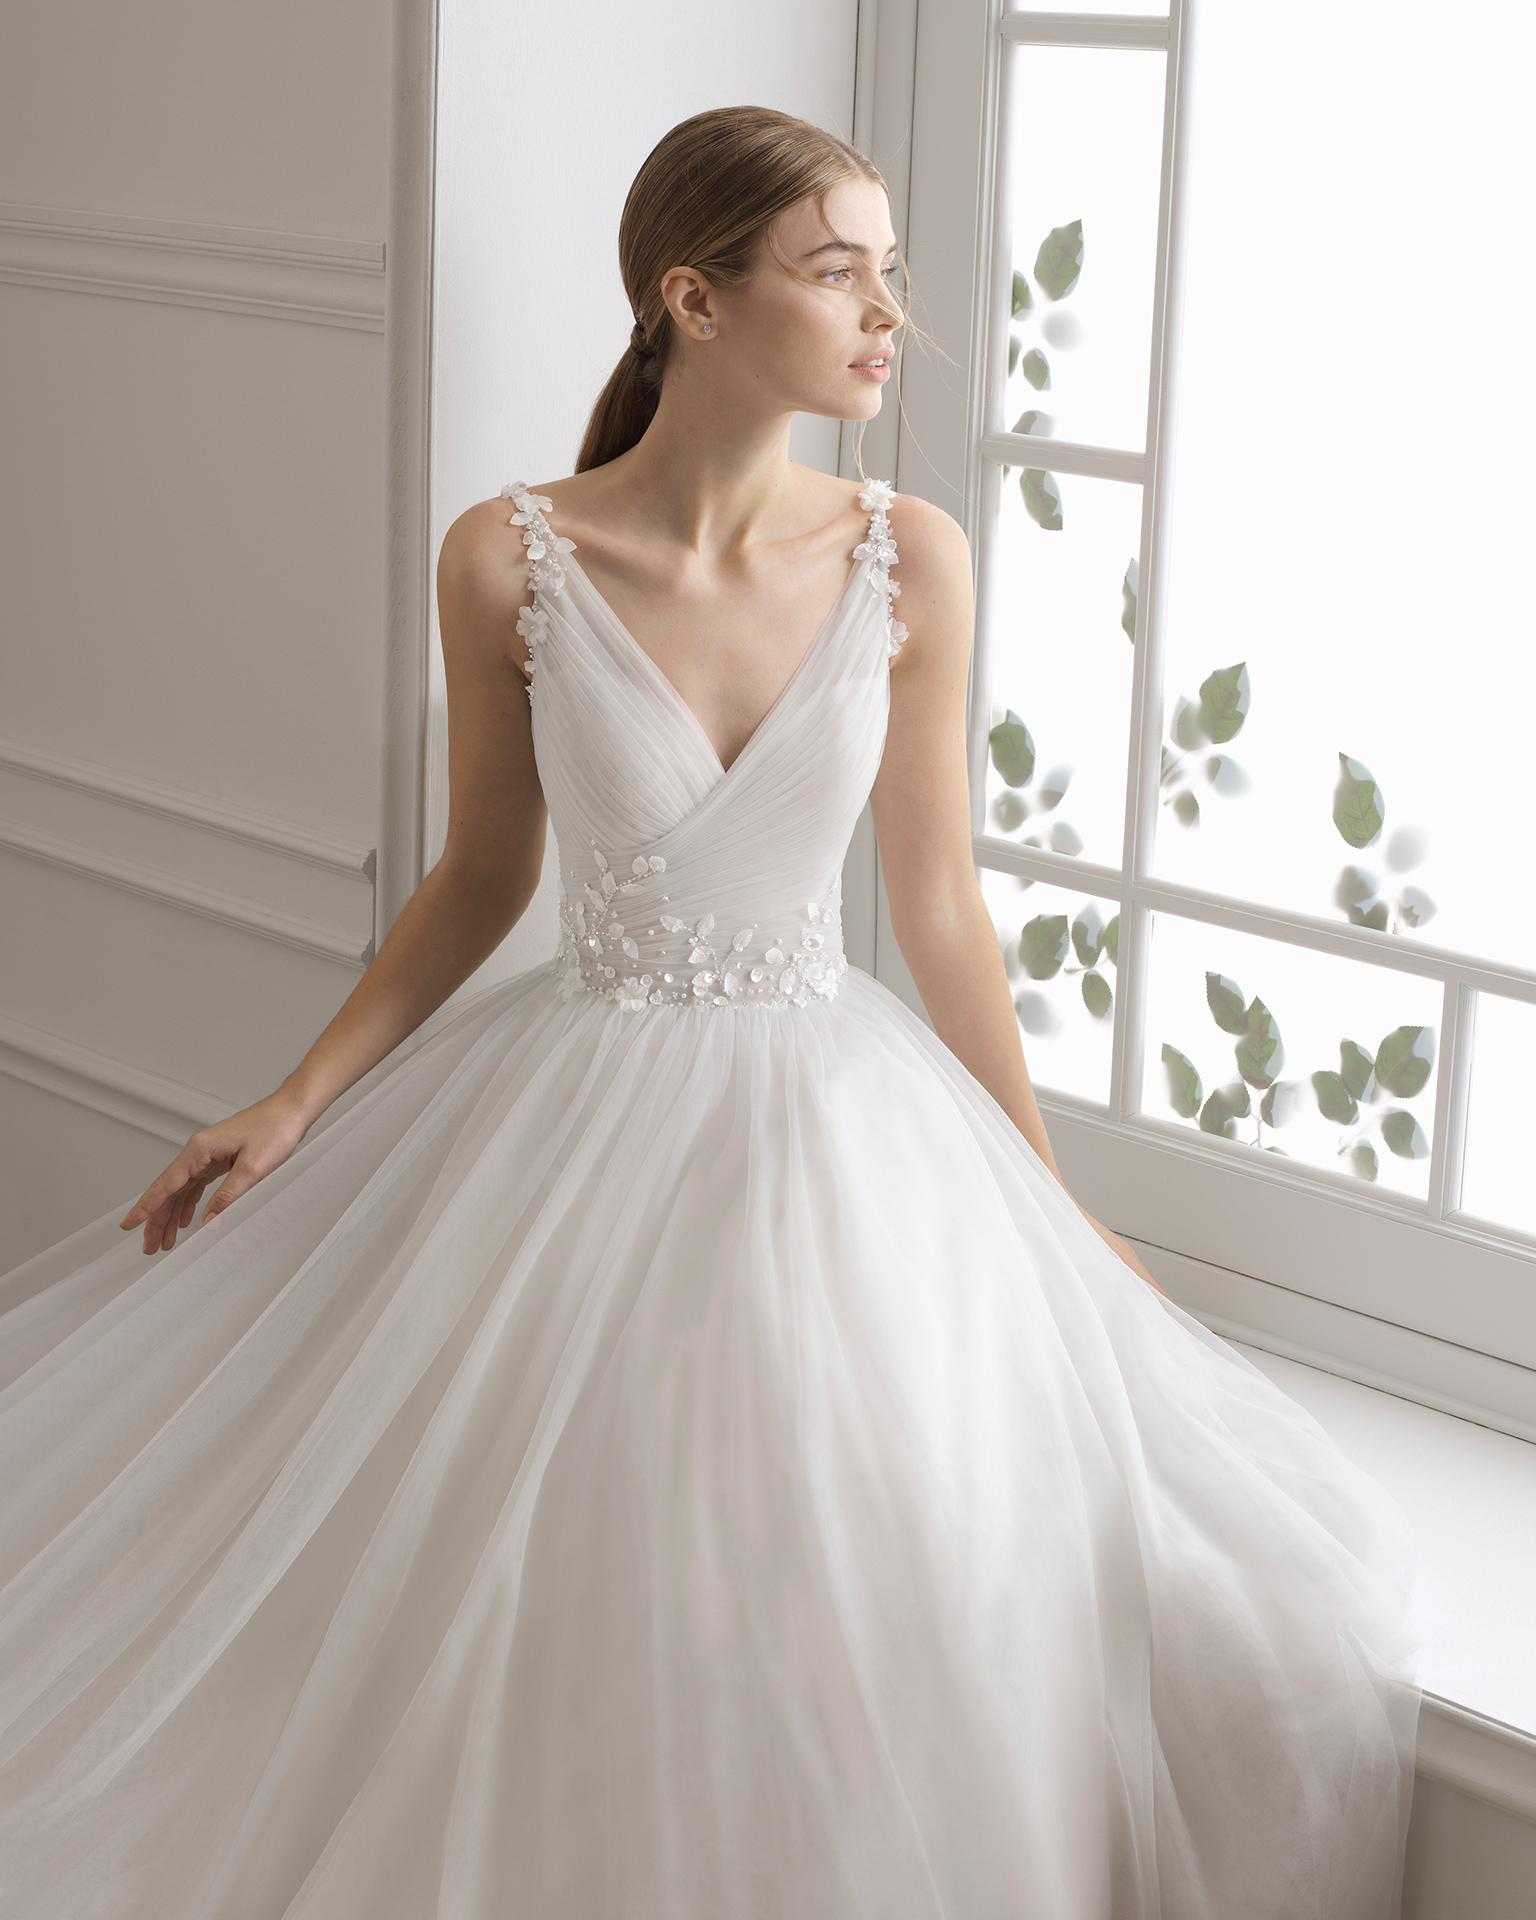 Vestido de noiva estilo princesa de tule e brilhantes. Decote caicai. Disponível em azul-gelo, âmbar e cor natural. Coleção AIRE BARCELONA 2019.